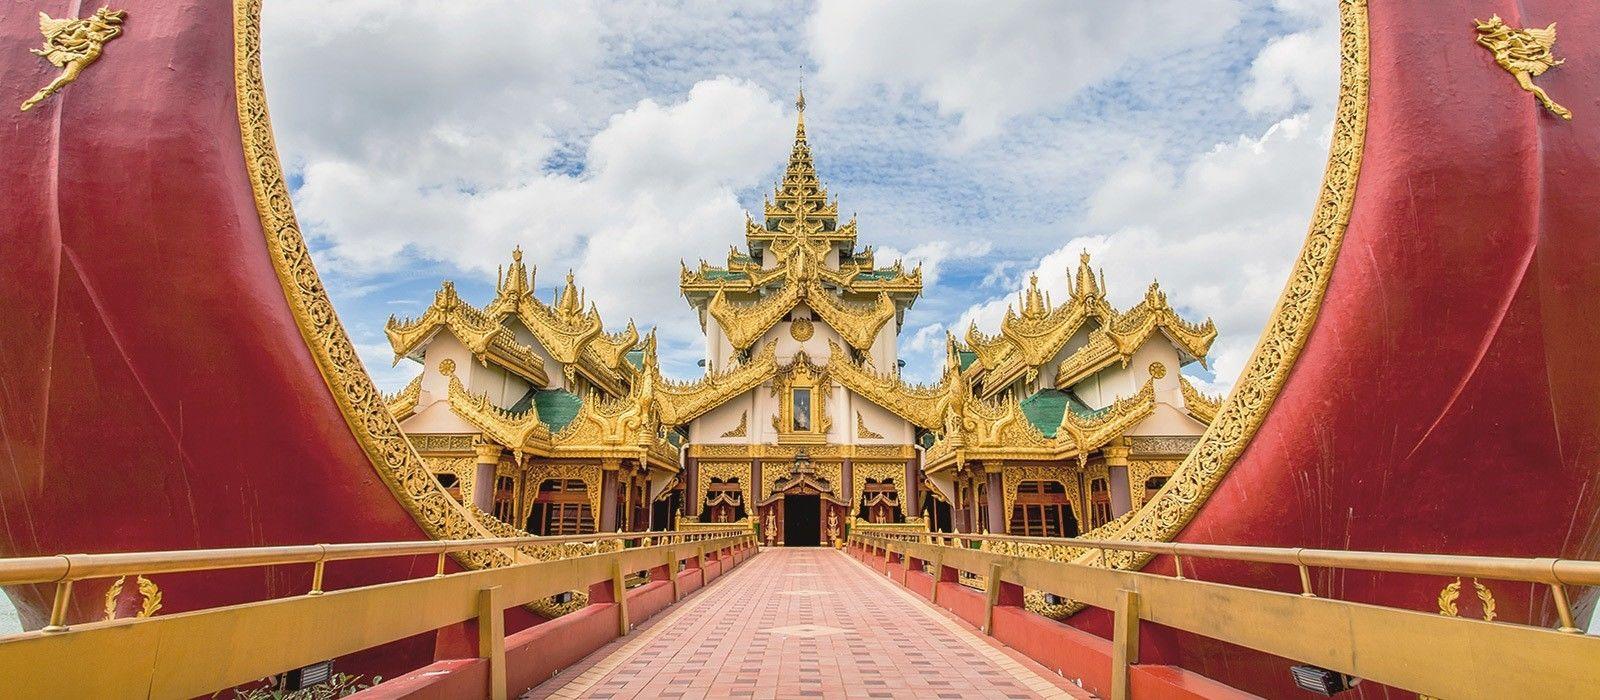 Luxurious Wonders of Myanmar Tour Trip 1